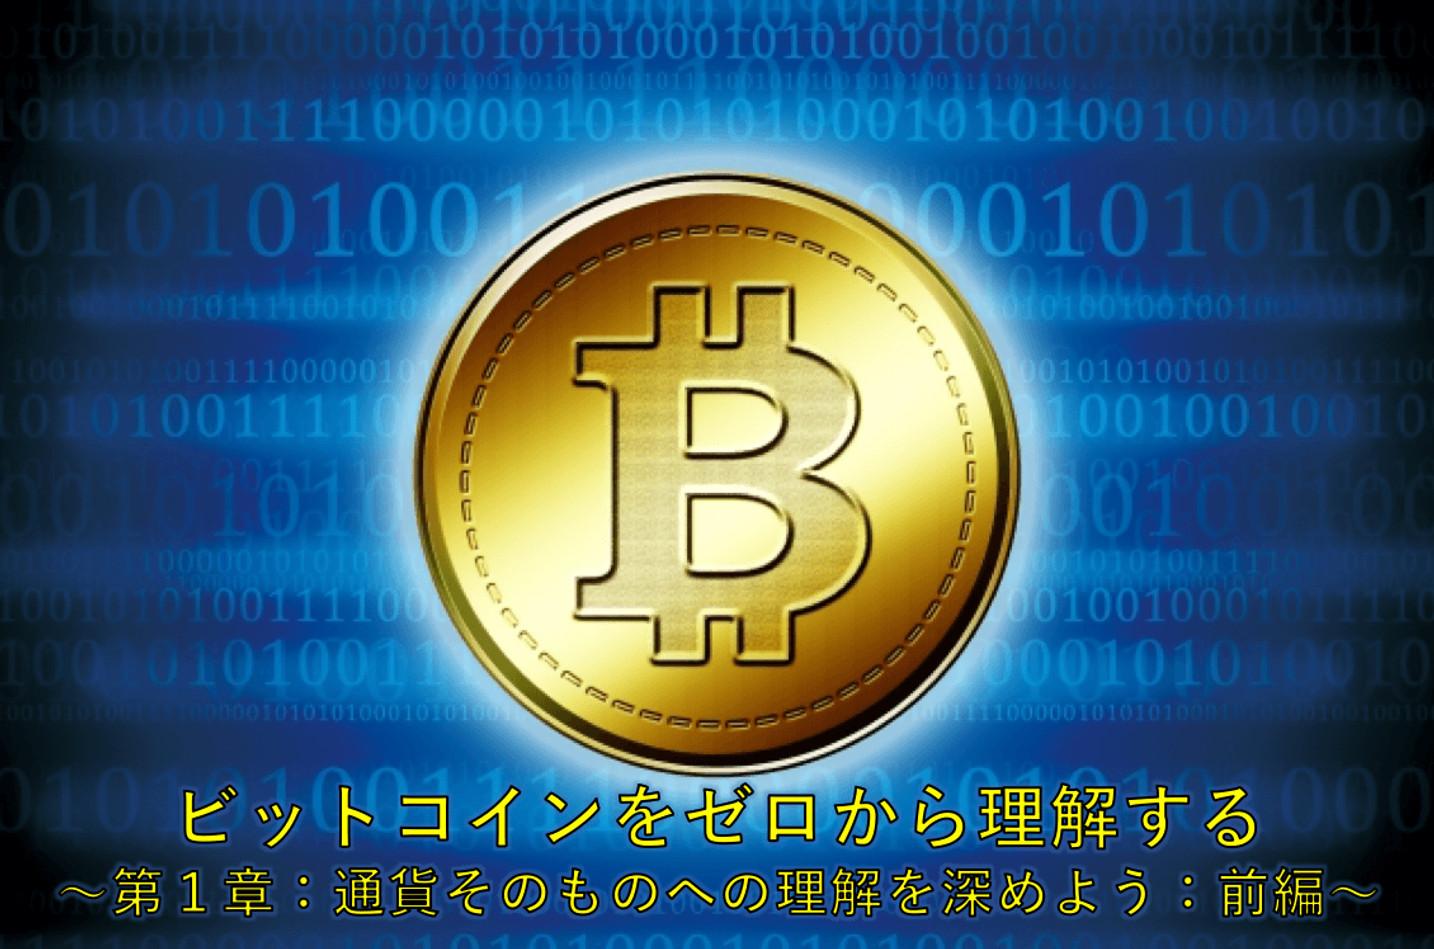 ビットコインをゼロから理解する 〜第1章:通貨そのものへの理解を深めよう:前編〜